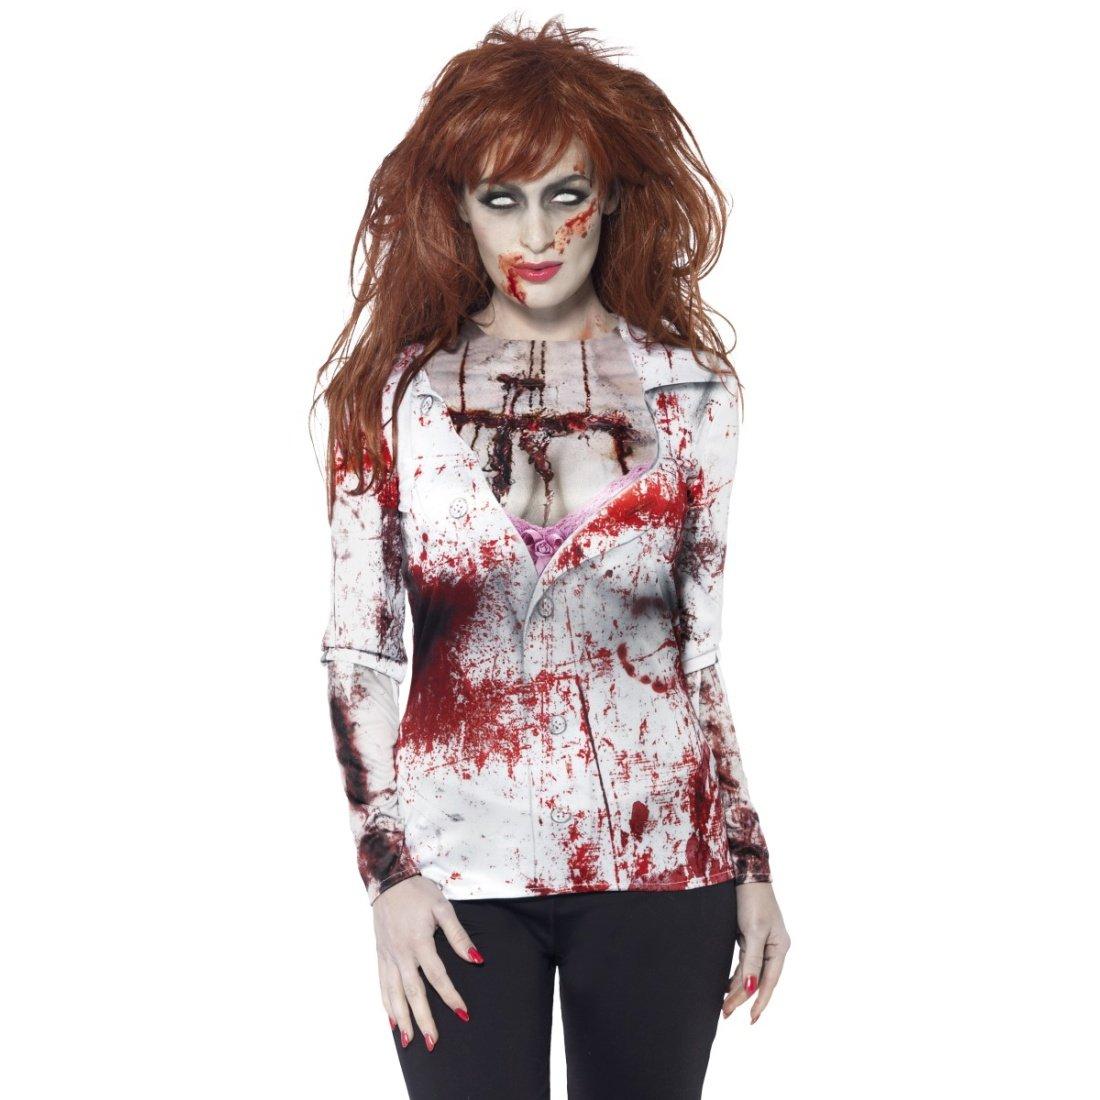 Amakando Camisa ensangrentada Halloween Camiseta Zombie Mujer L 44/46 Outfit de Terror para Mujer Ropa Fiesta Halloween Blusa terrorífica con Sangre Manga Larga Muerto Viviente: Amazon.es: Juguetes y juegos